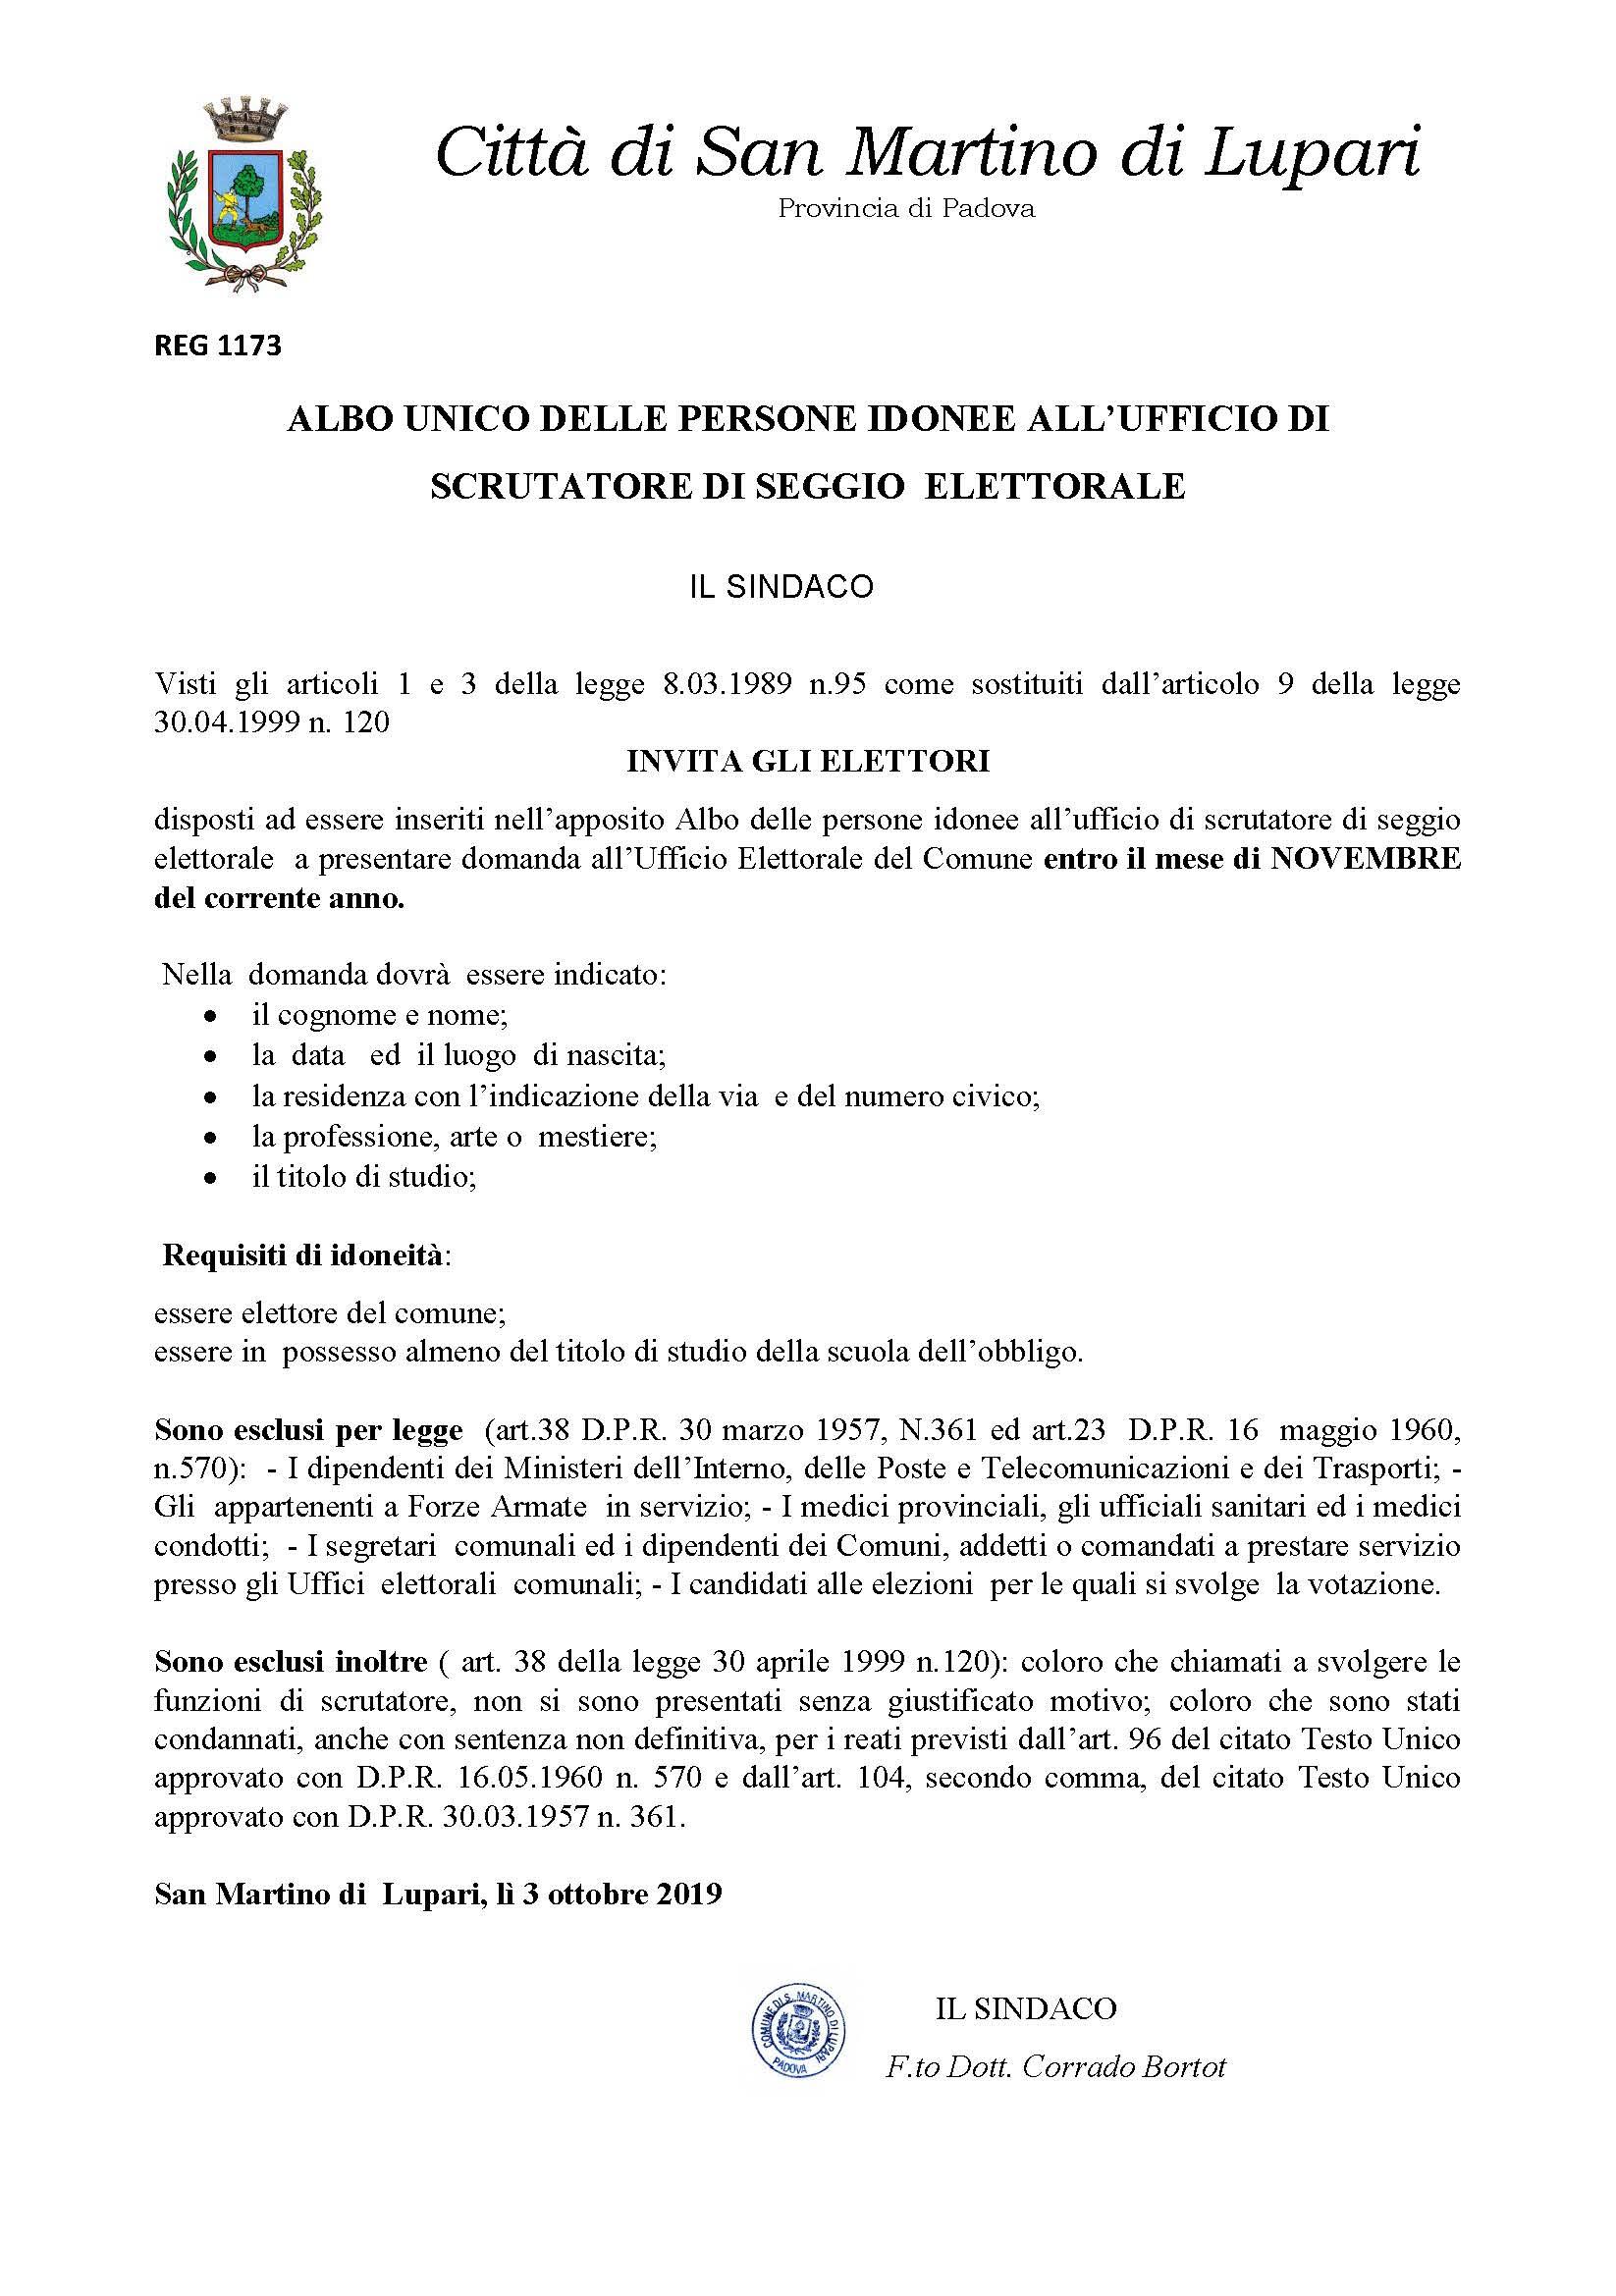 ALBO UNICO DELLE PERSONE IDONEE ALL'UFFICIO DI SCRUTATORE DI SEGGIO ELETTORALE